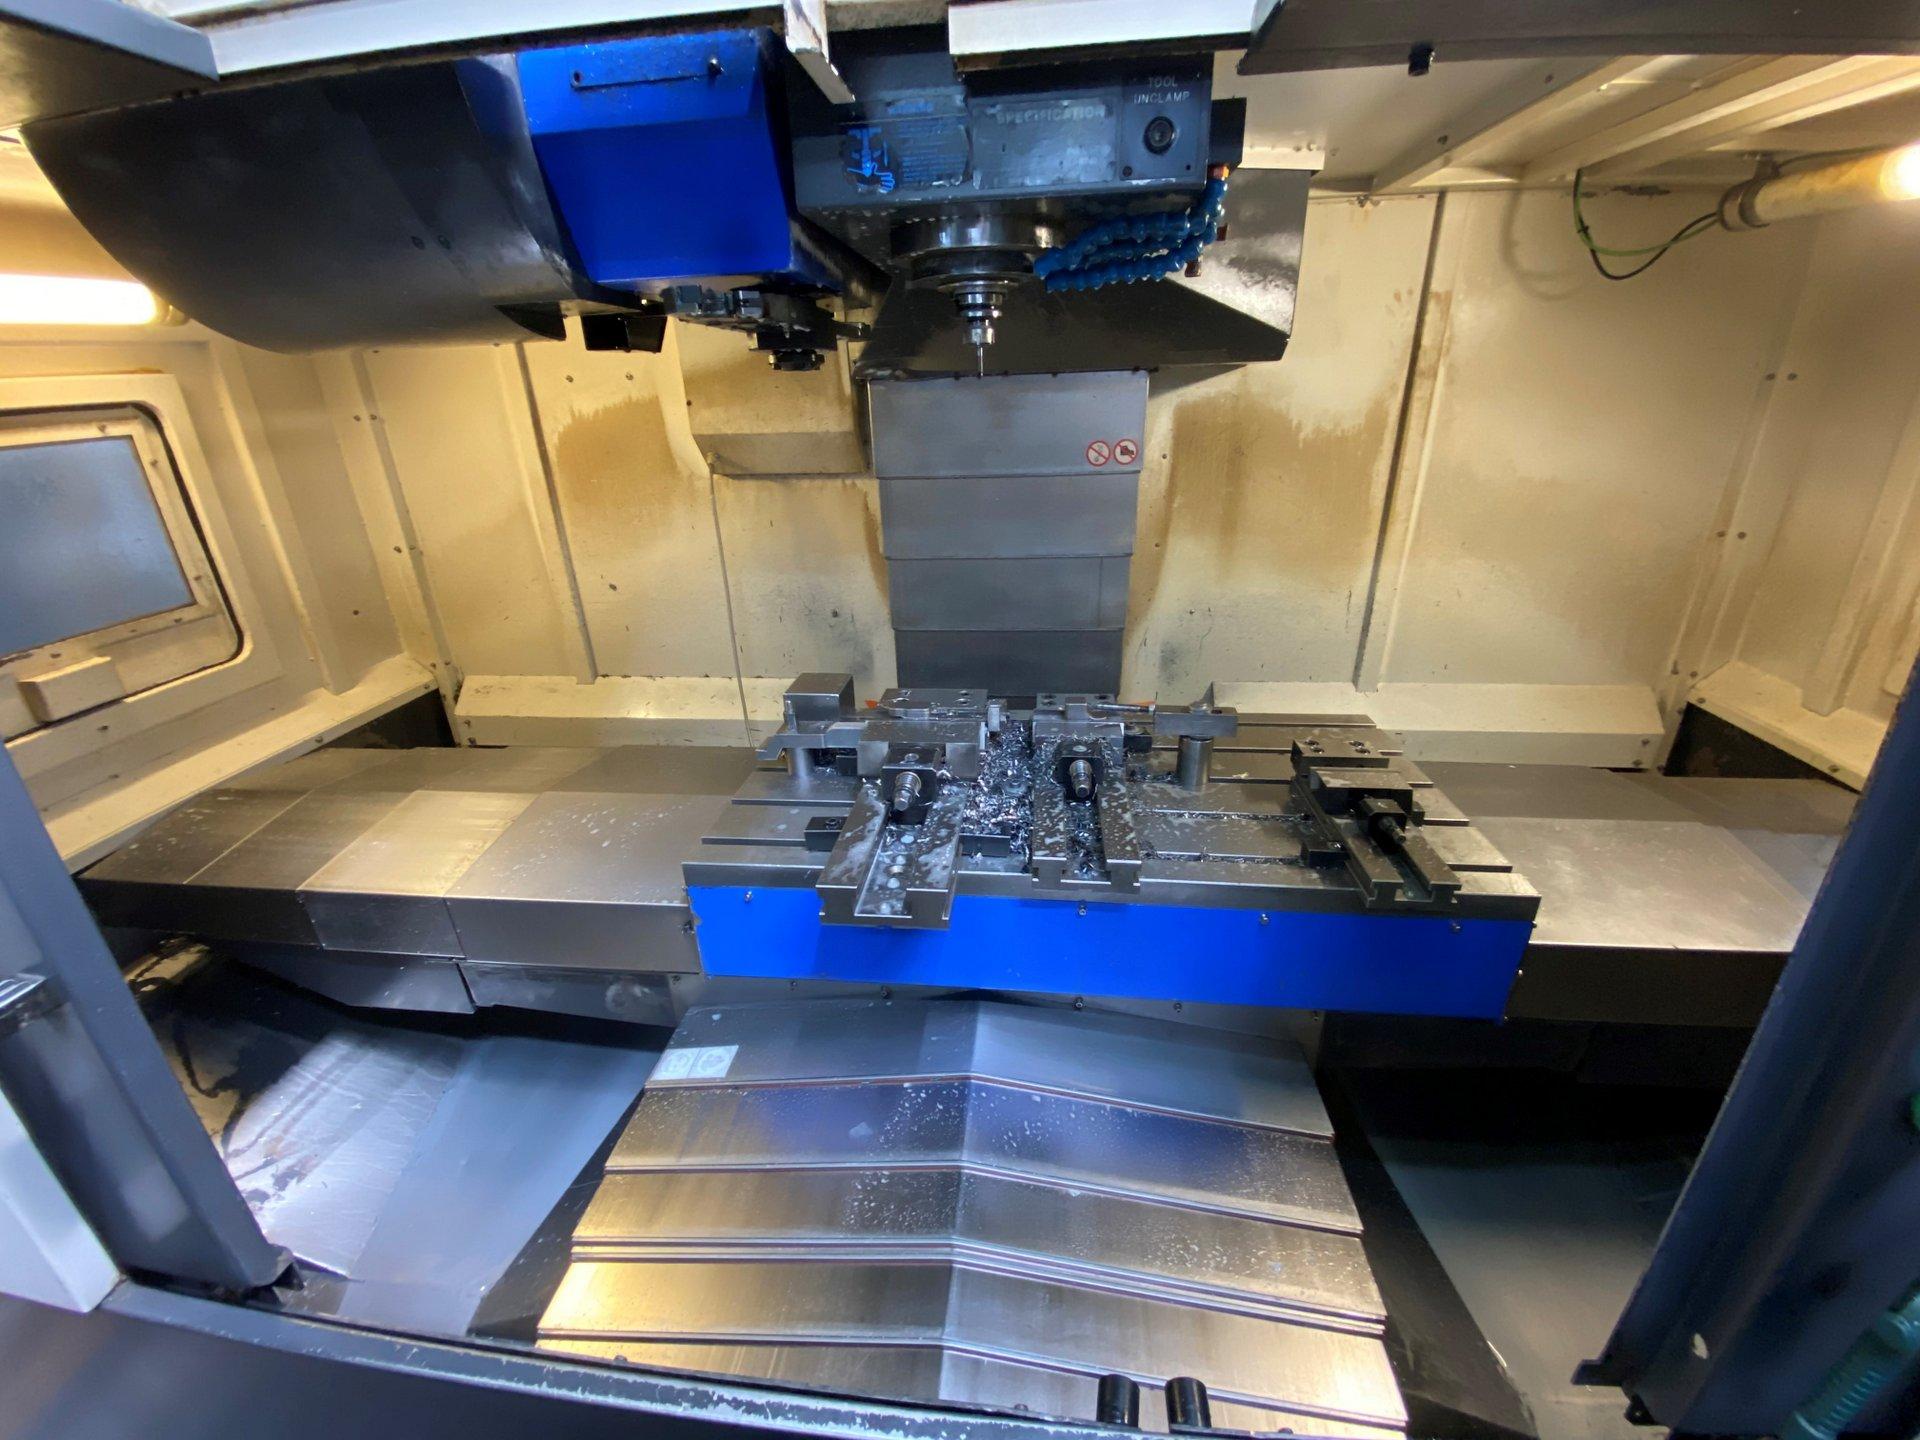 Centro di fresatura CNC HWACHEON VESTA 1050B 8 in vendita - foto 3